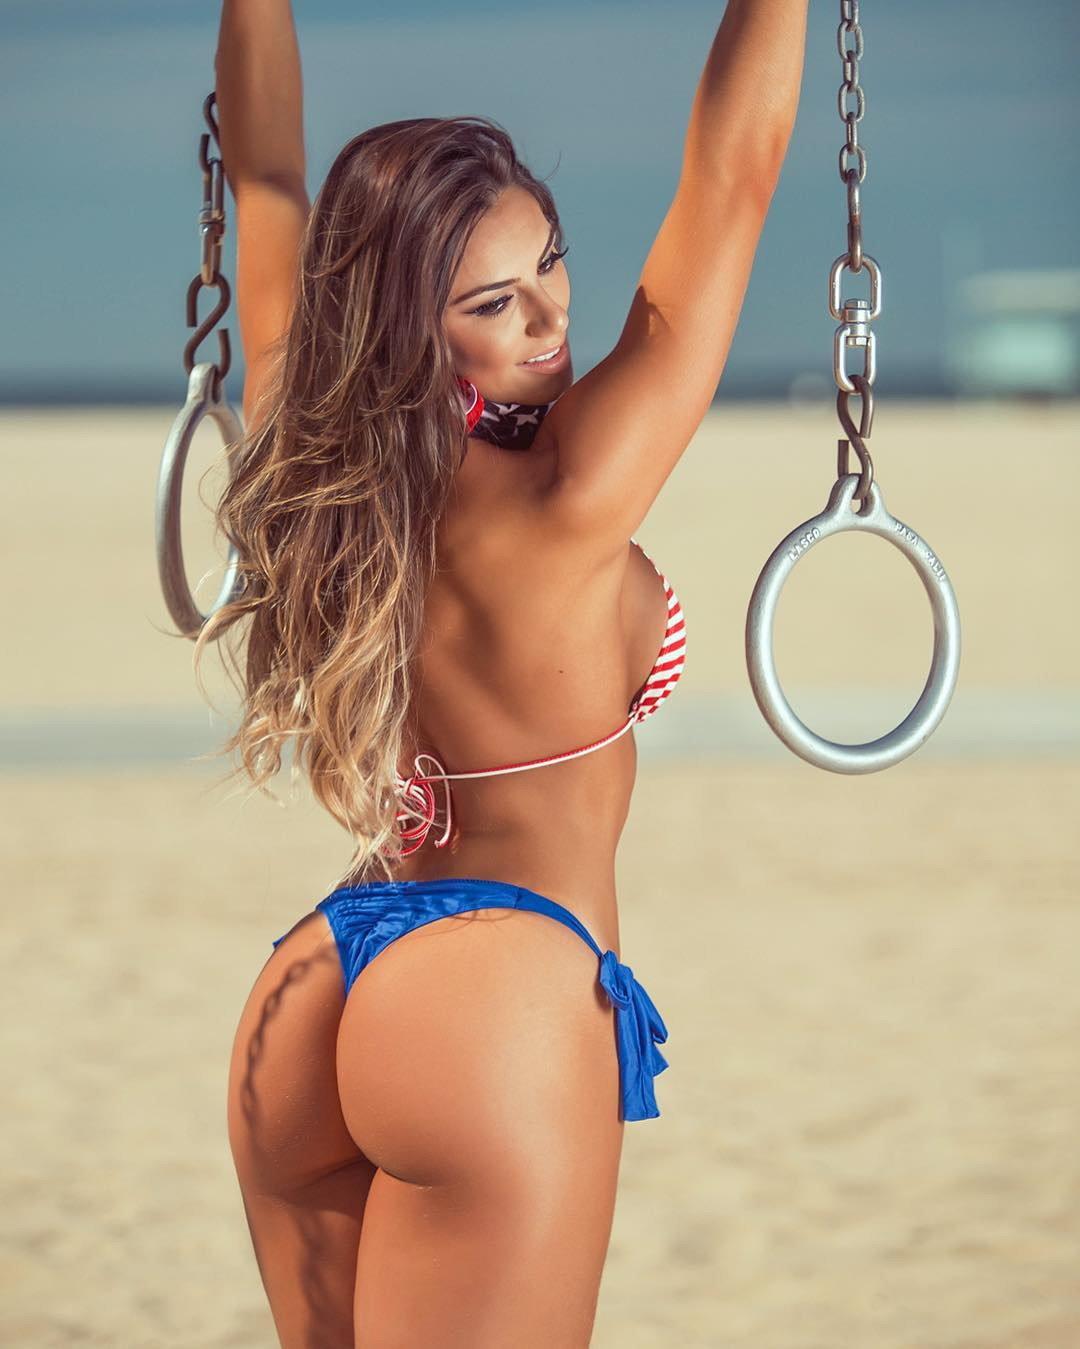 Nude mature women spread ass